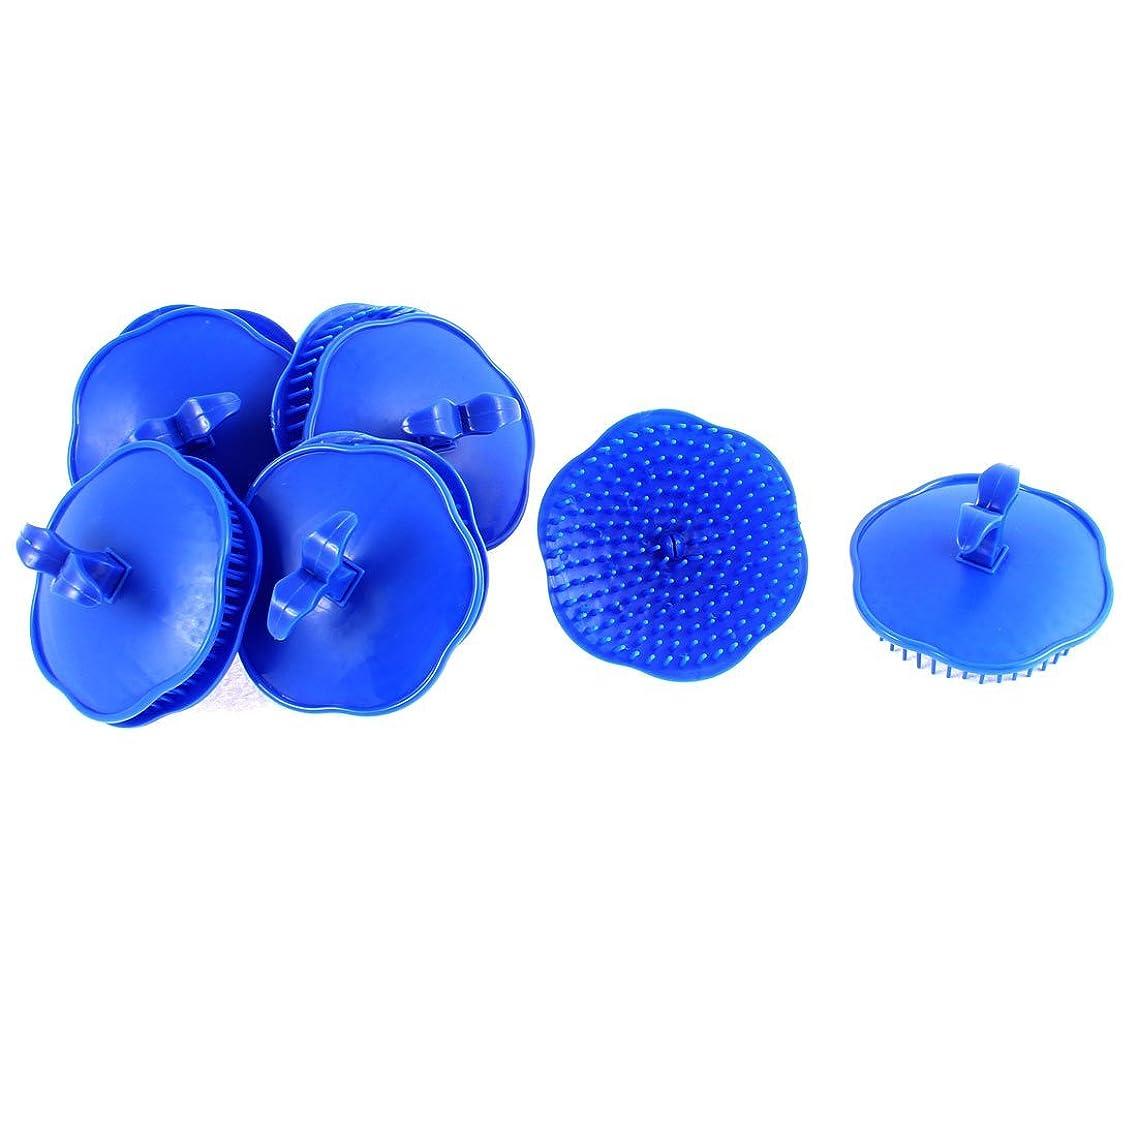 uxcell シャンプーブラシ 洗髪櫛 マッサージャー プラスチック ダークブルー 10個